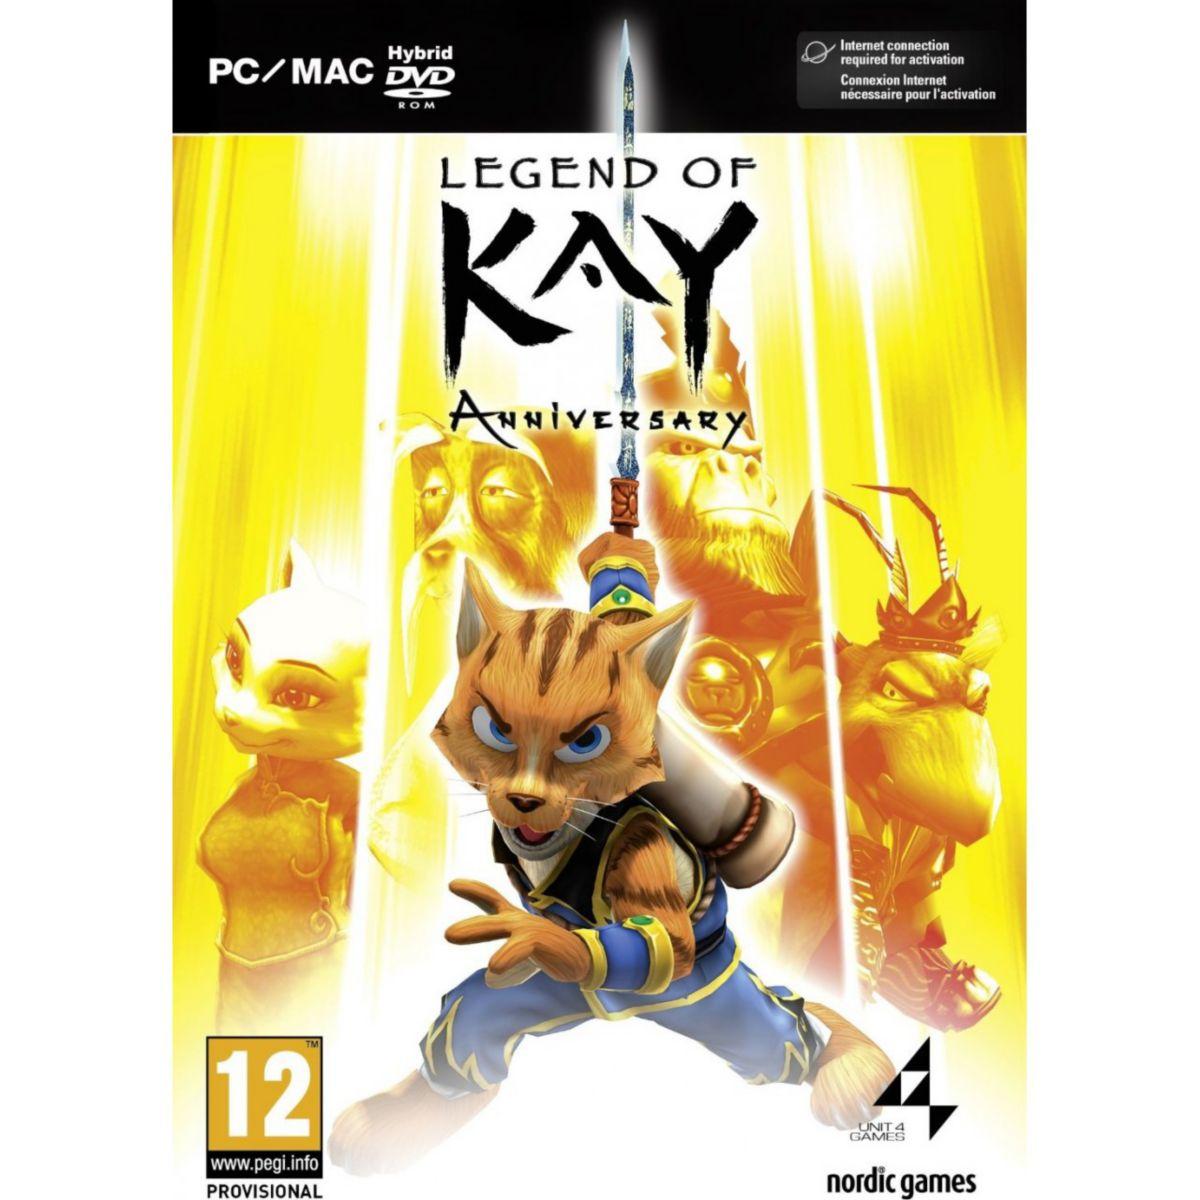 Jeu pc just for games legend of kay anniversary hd - 20% de remise immédiate avec le code : multi20 (photo)